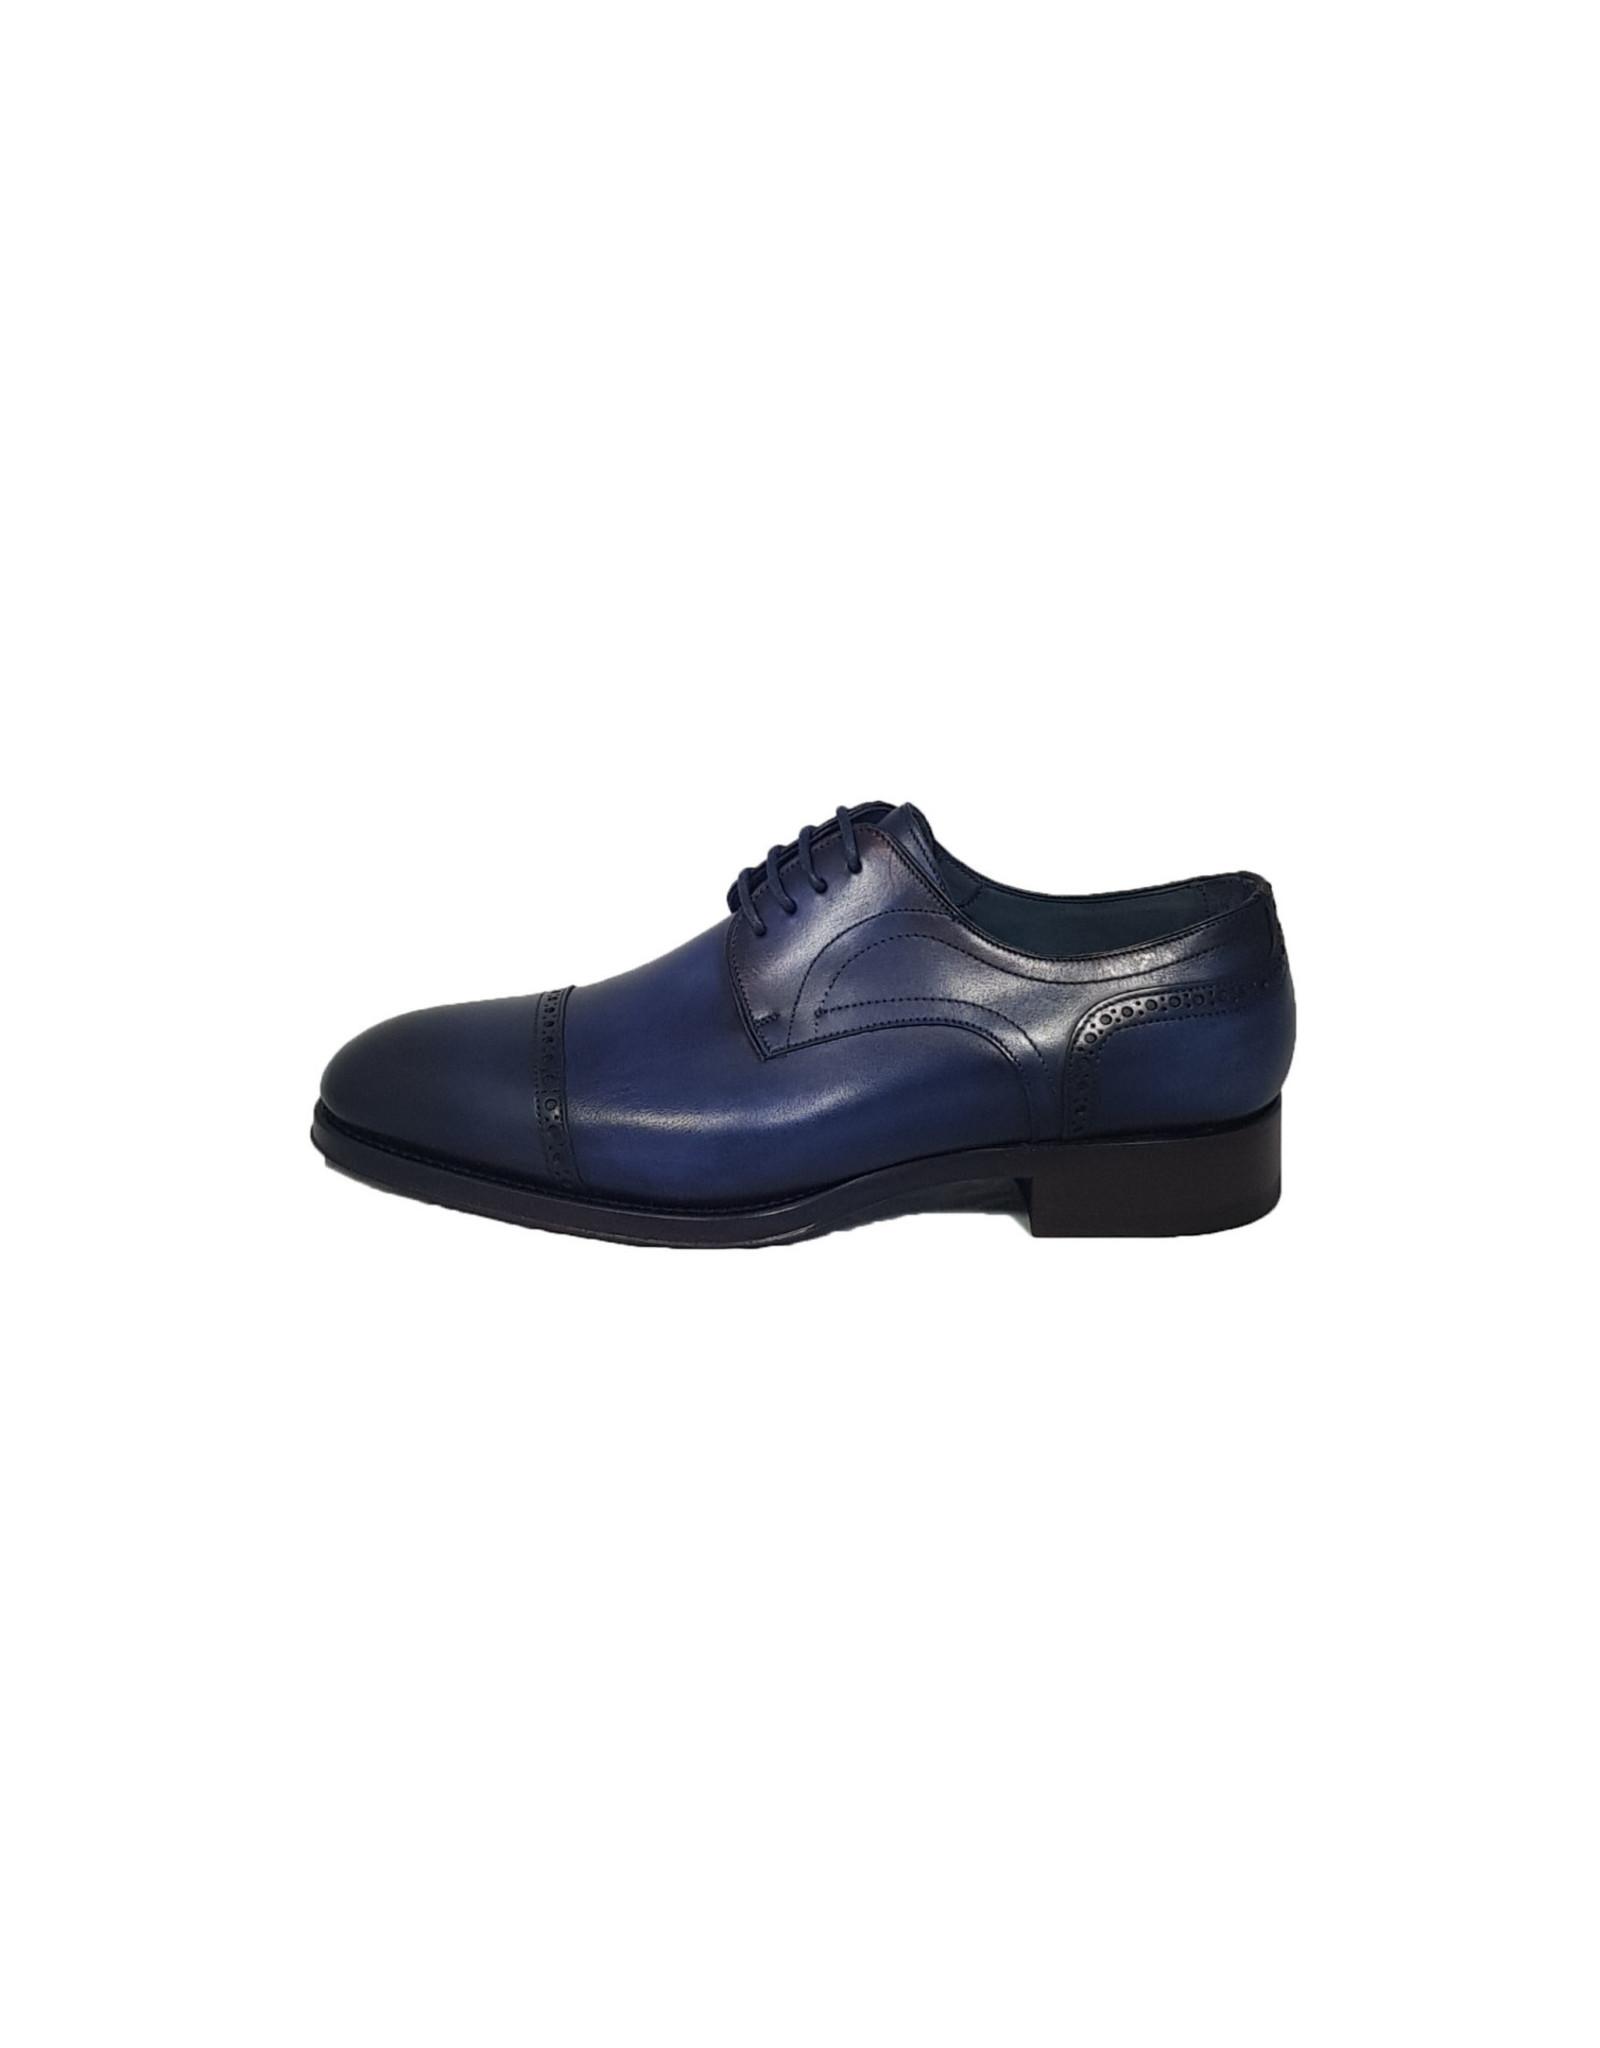 Zampiere Zampiere schoenen delave cloud M:5404